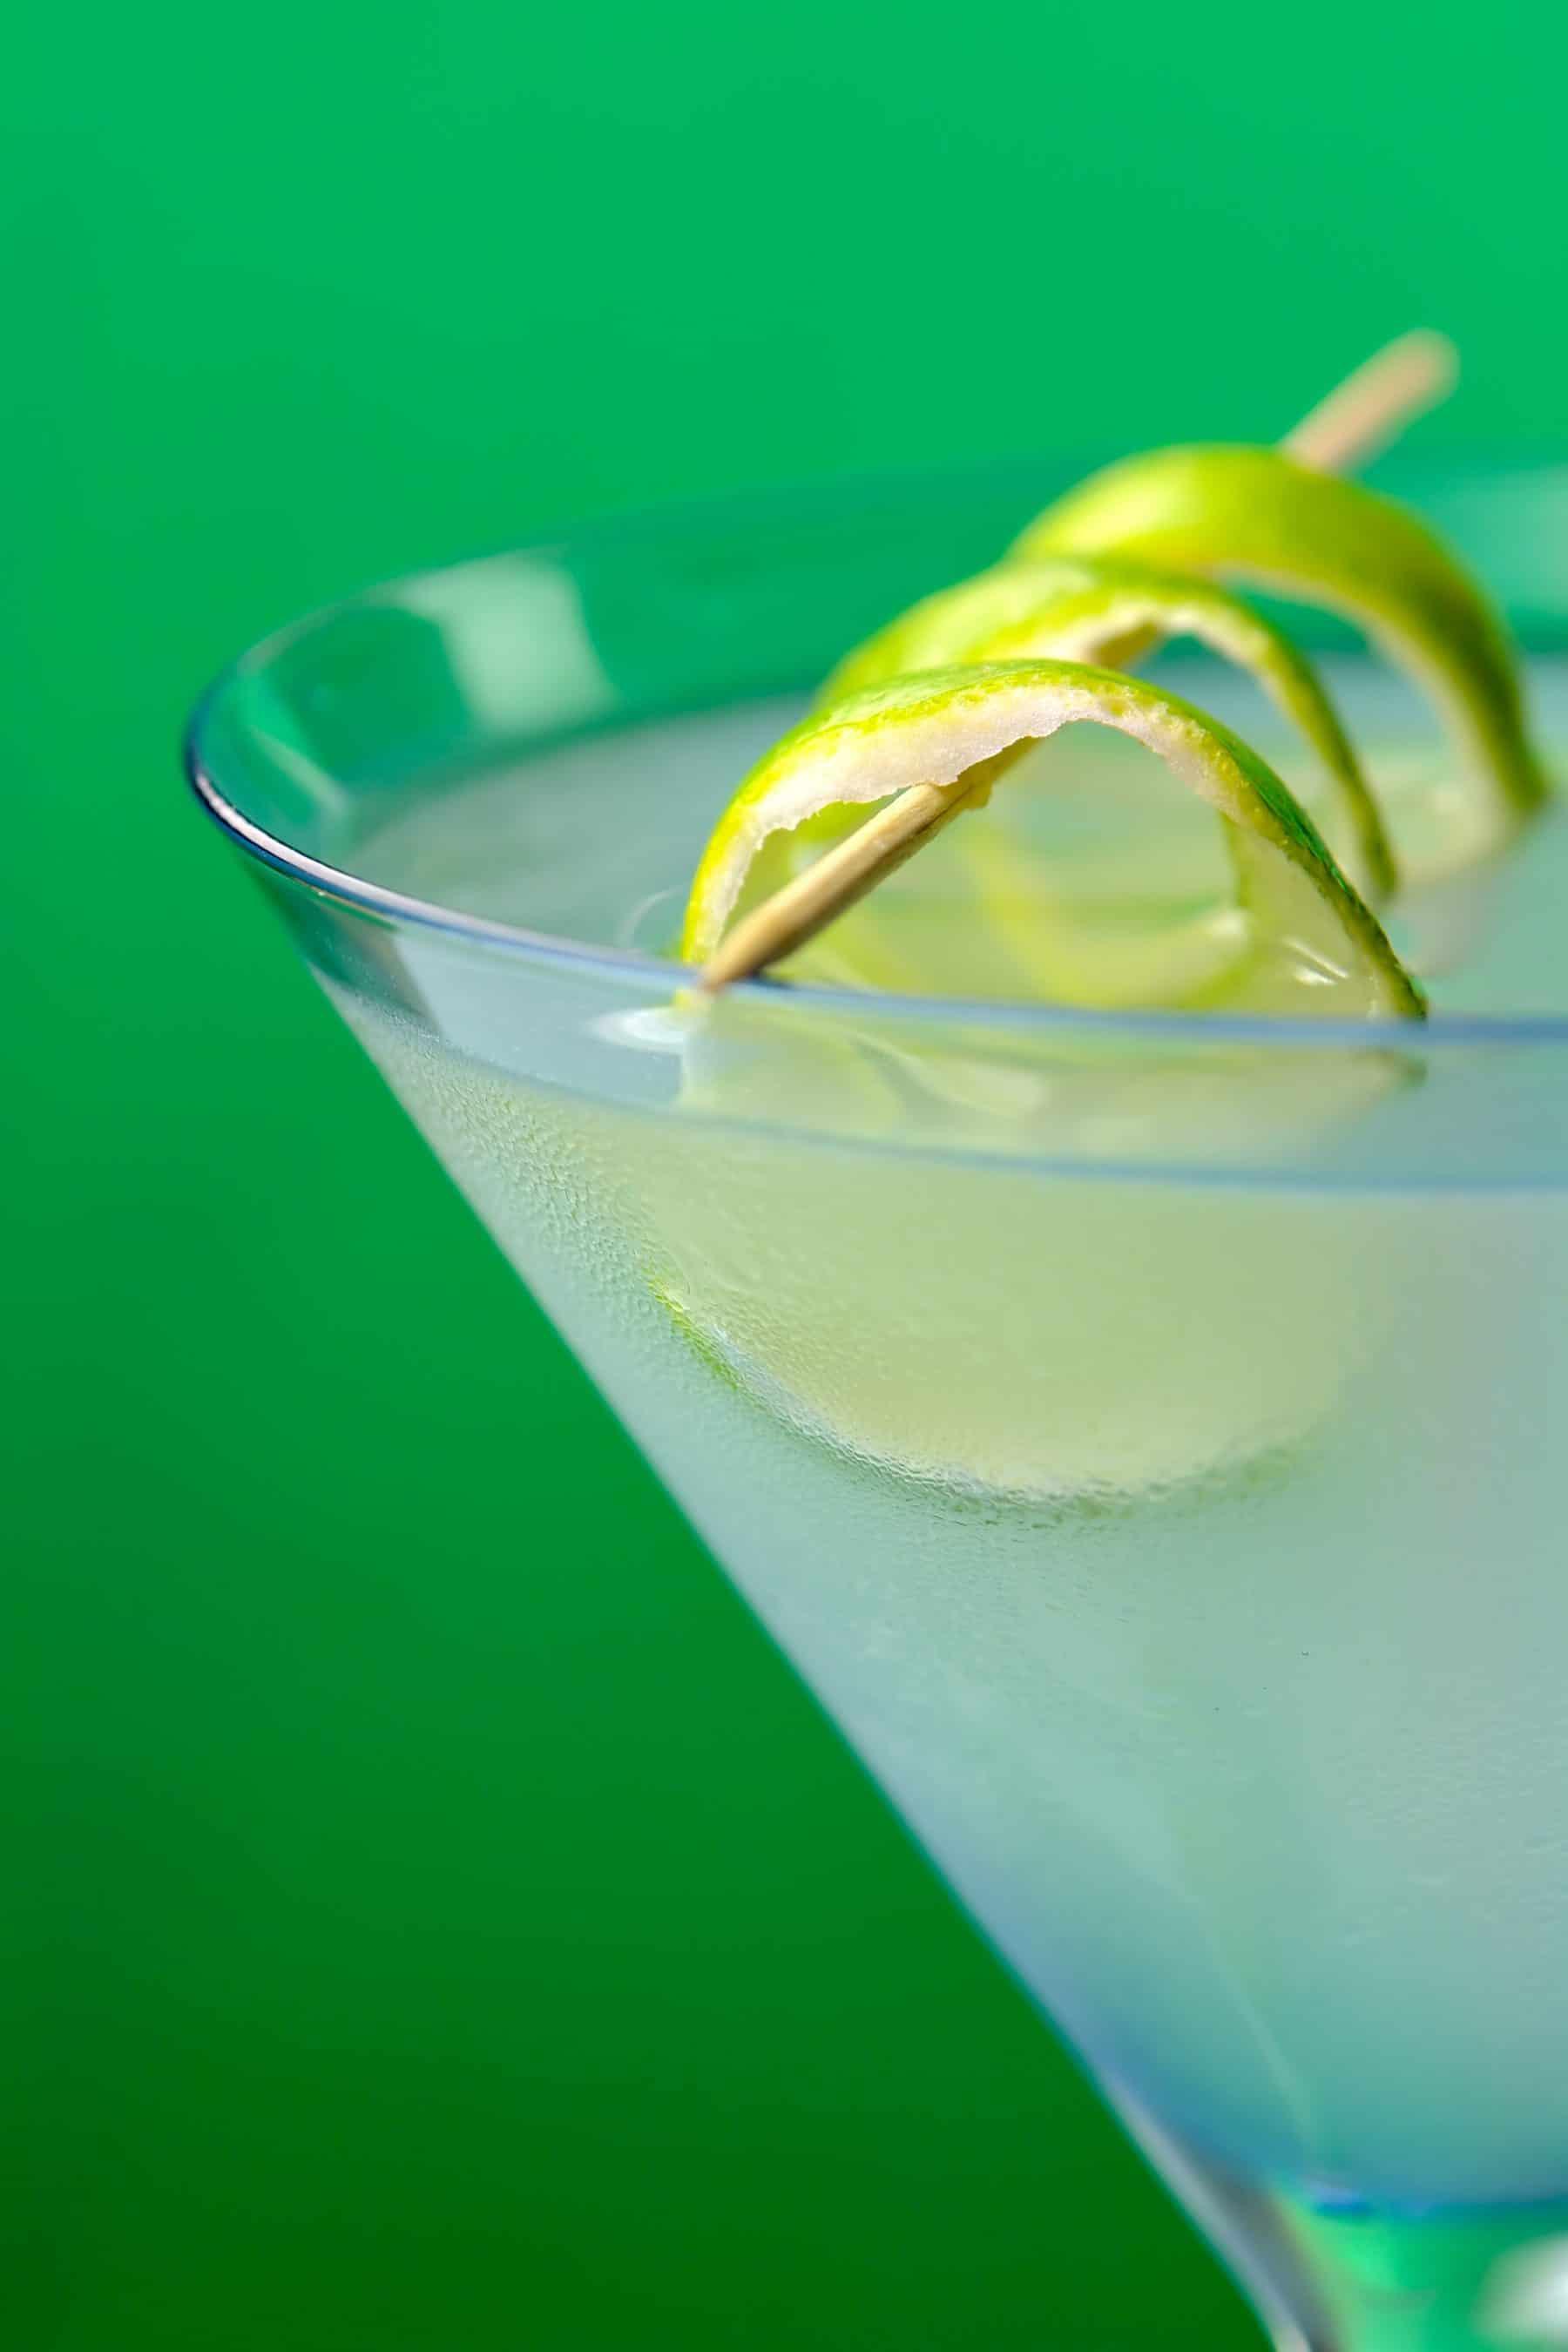 marquisette 3 - Marquisette au Citron